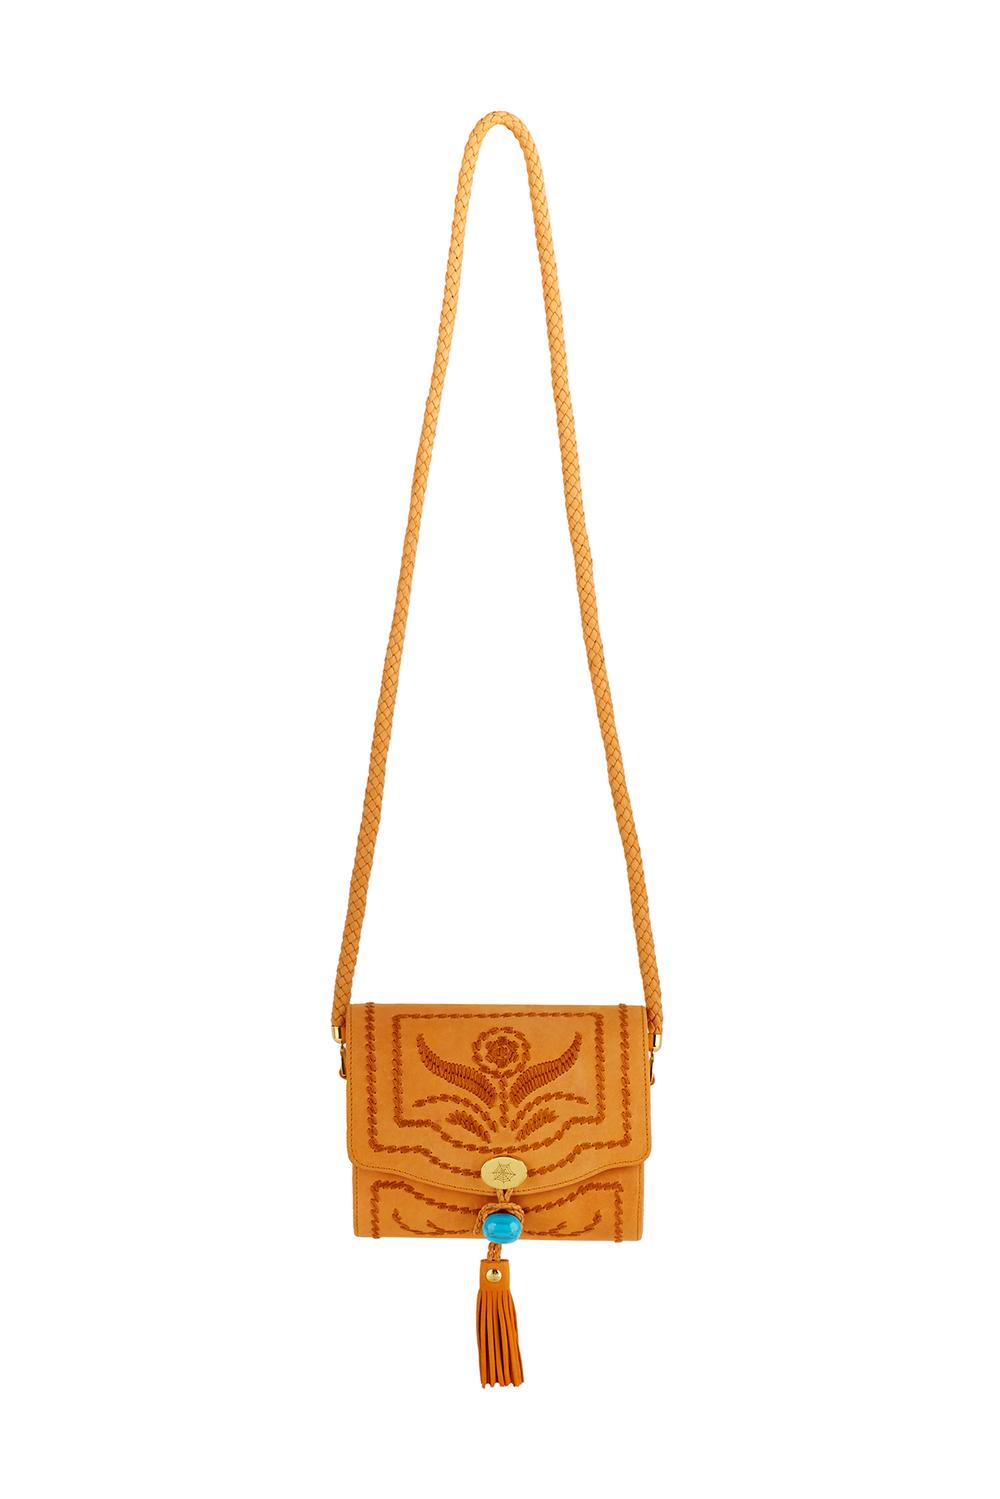 04-04-bags.jpg